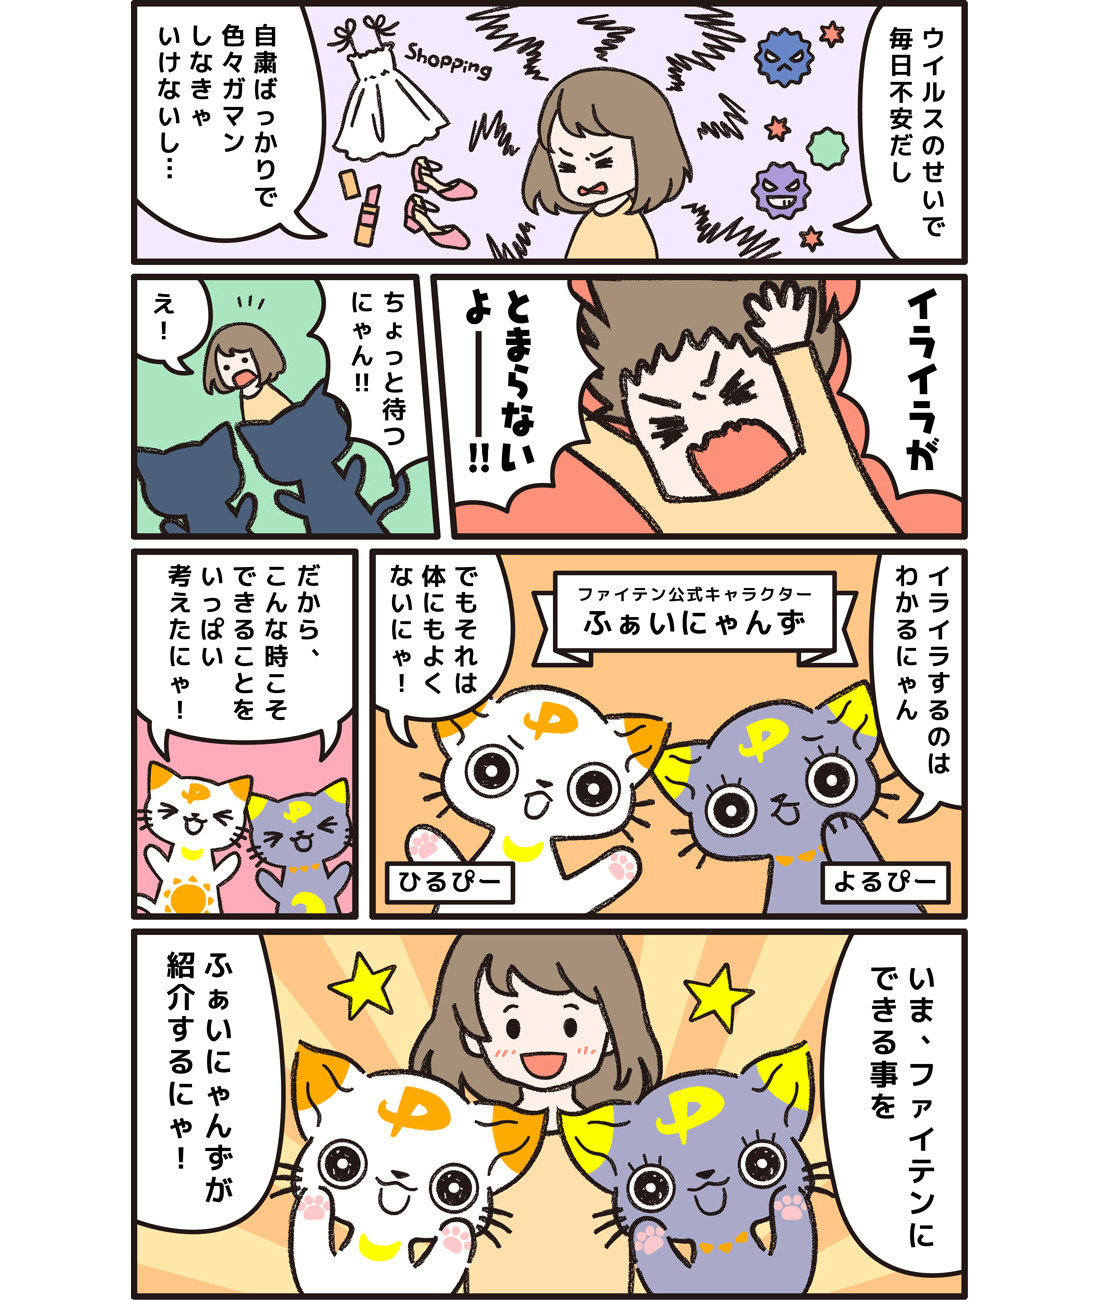 midashi_1100_manga_pc_2.jpg